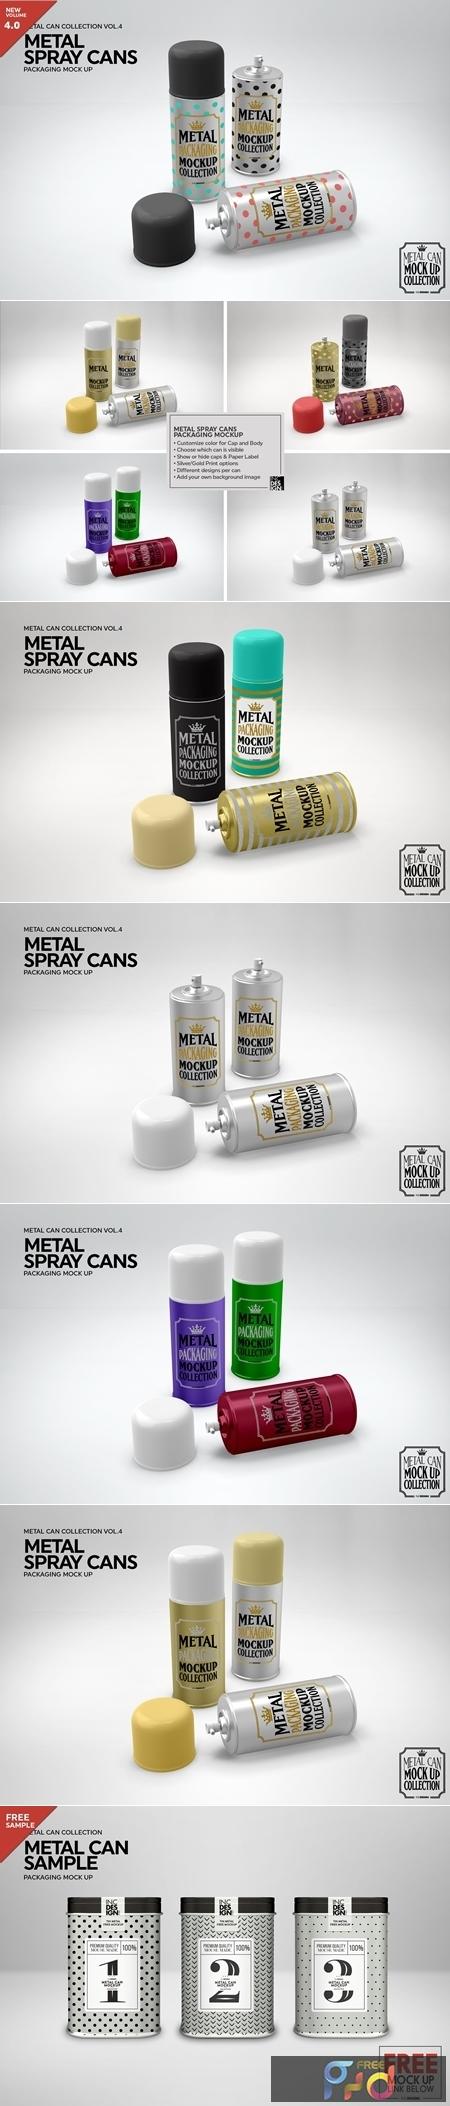 Metal Spray Cans Packaging Mockup 3884310 1